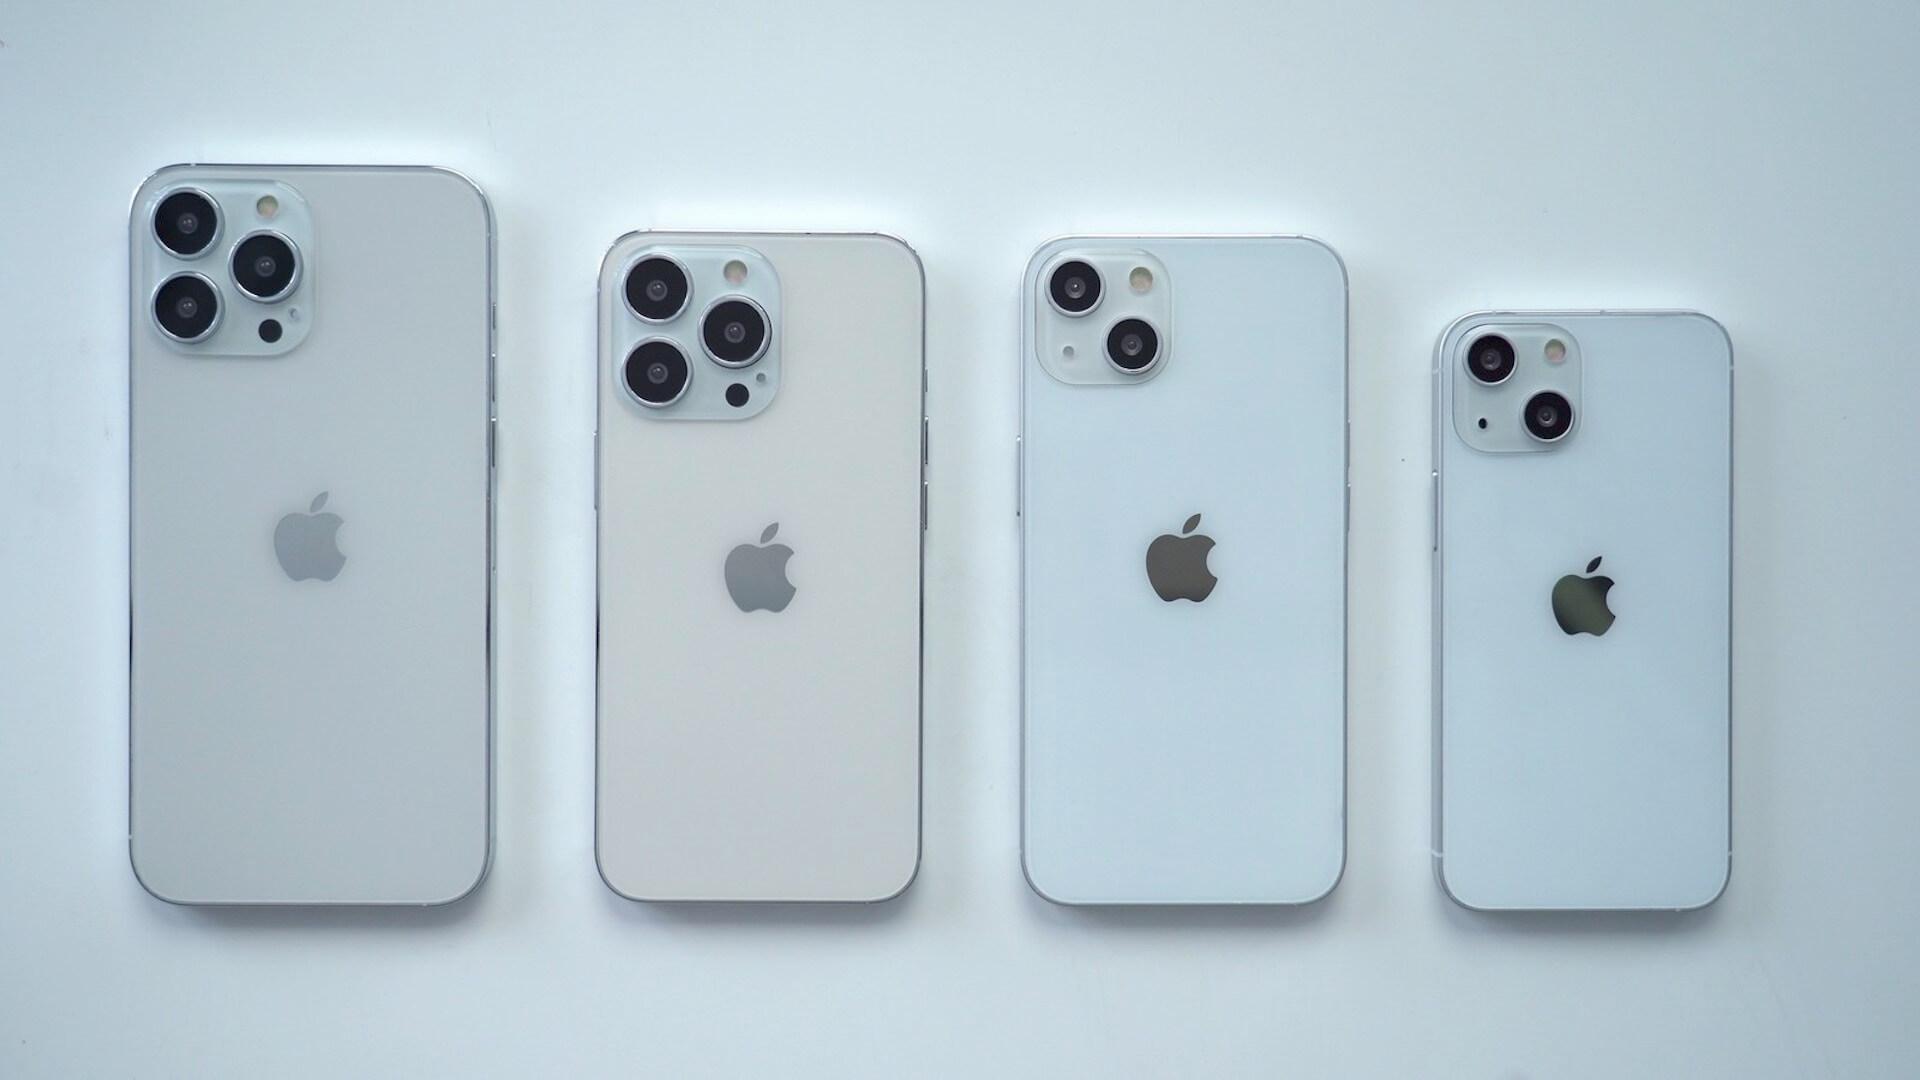 今年9月発表とうわさのiPhone 13シリーズ4モデルのダミー機画像が公開! tech210713_iphone13_1